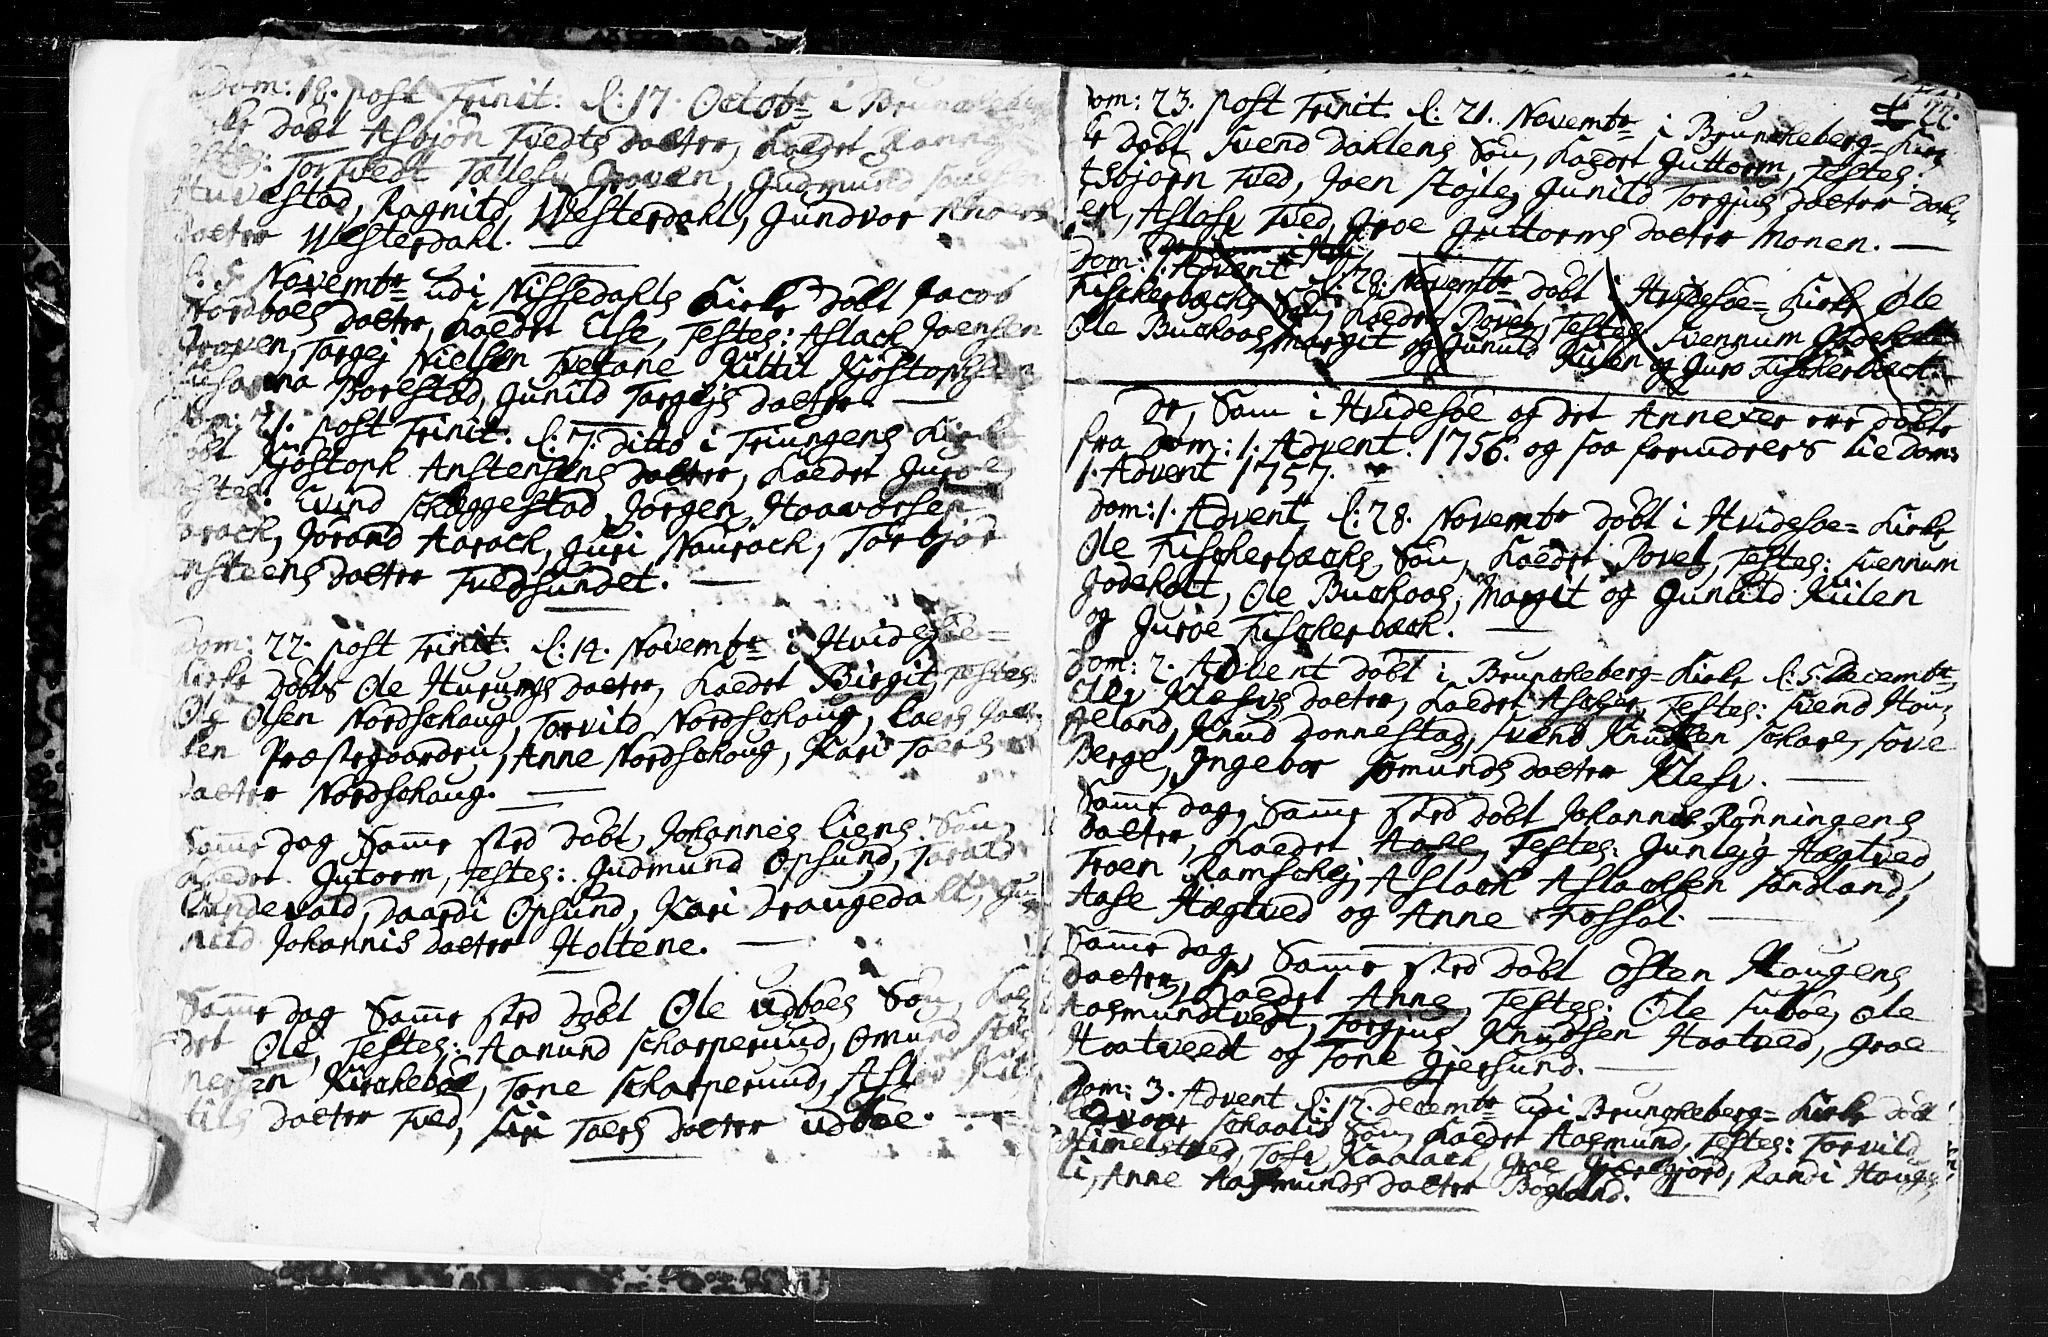 SAKO, Kviteseid kirkebøker, F/Fa/L0001: Ministerialbok nr. I 1, 1754-1773, s. 21-22